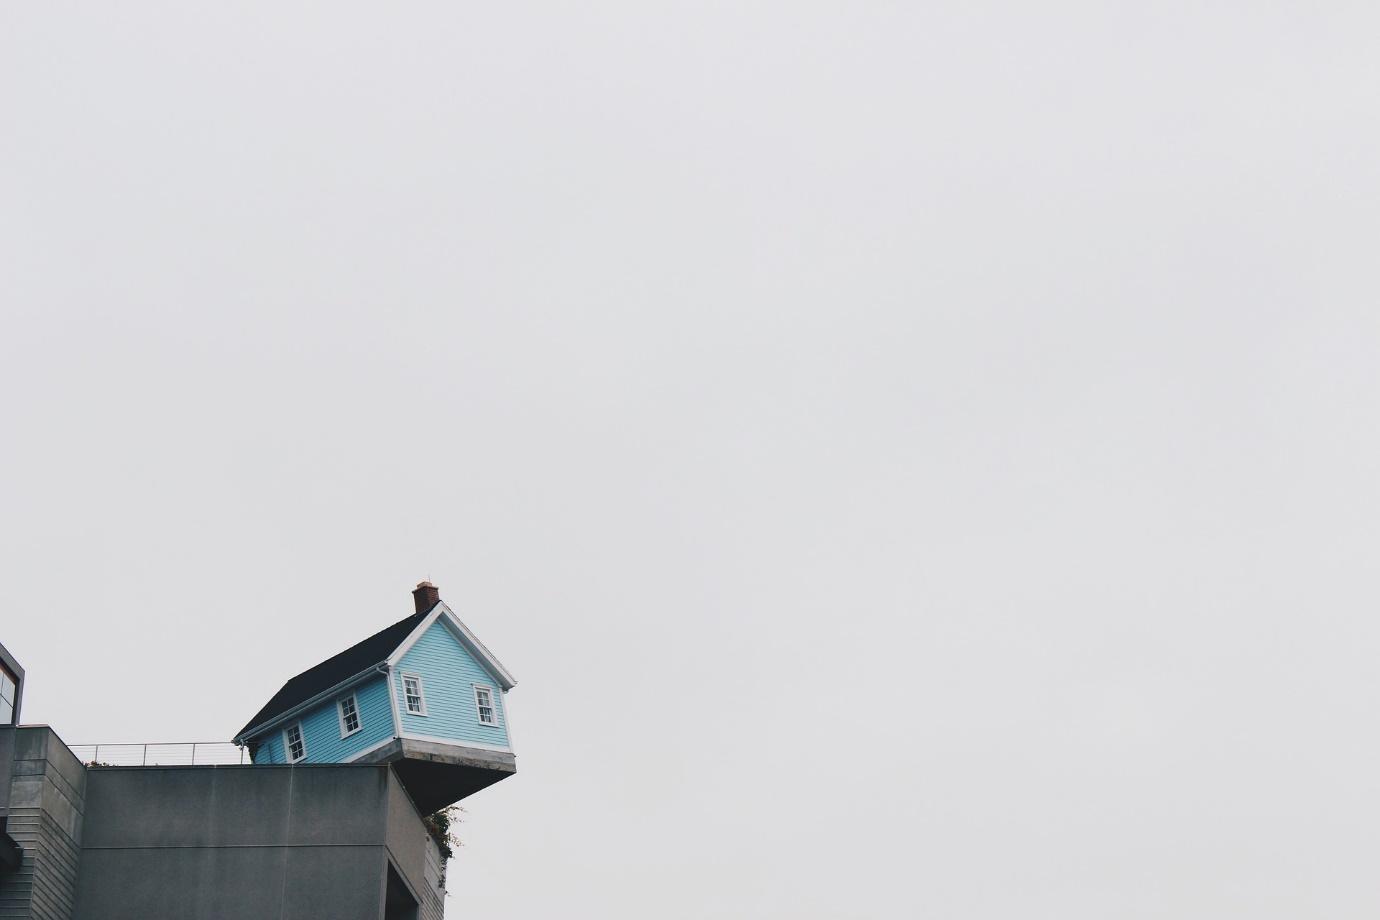 고시원에 살고 있다.